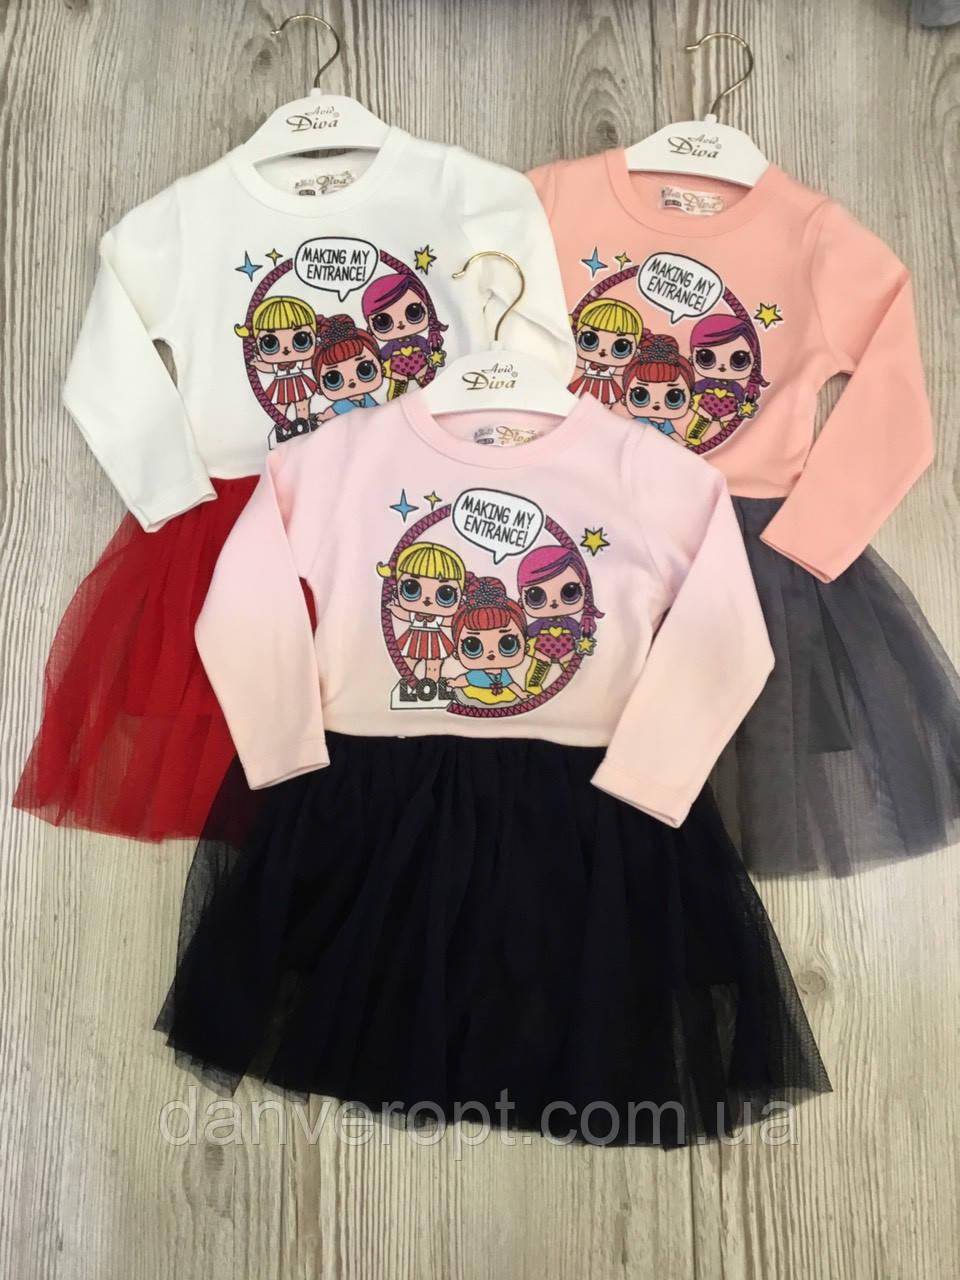 a5e4b5502d6c Платье детское стильное модный принт Лол на девочку 1-4 года, купить оптом  со